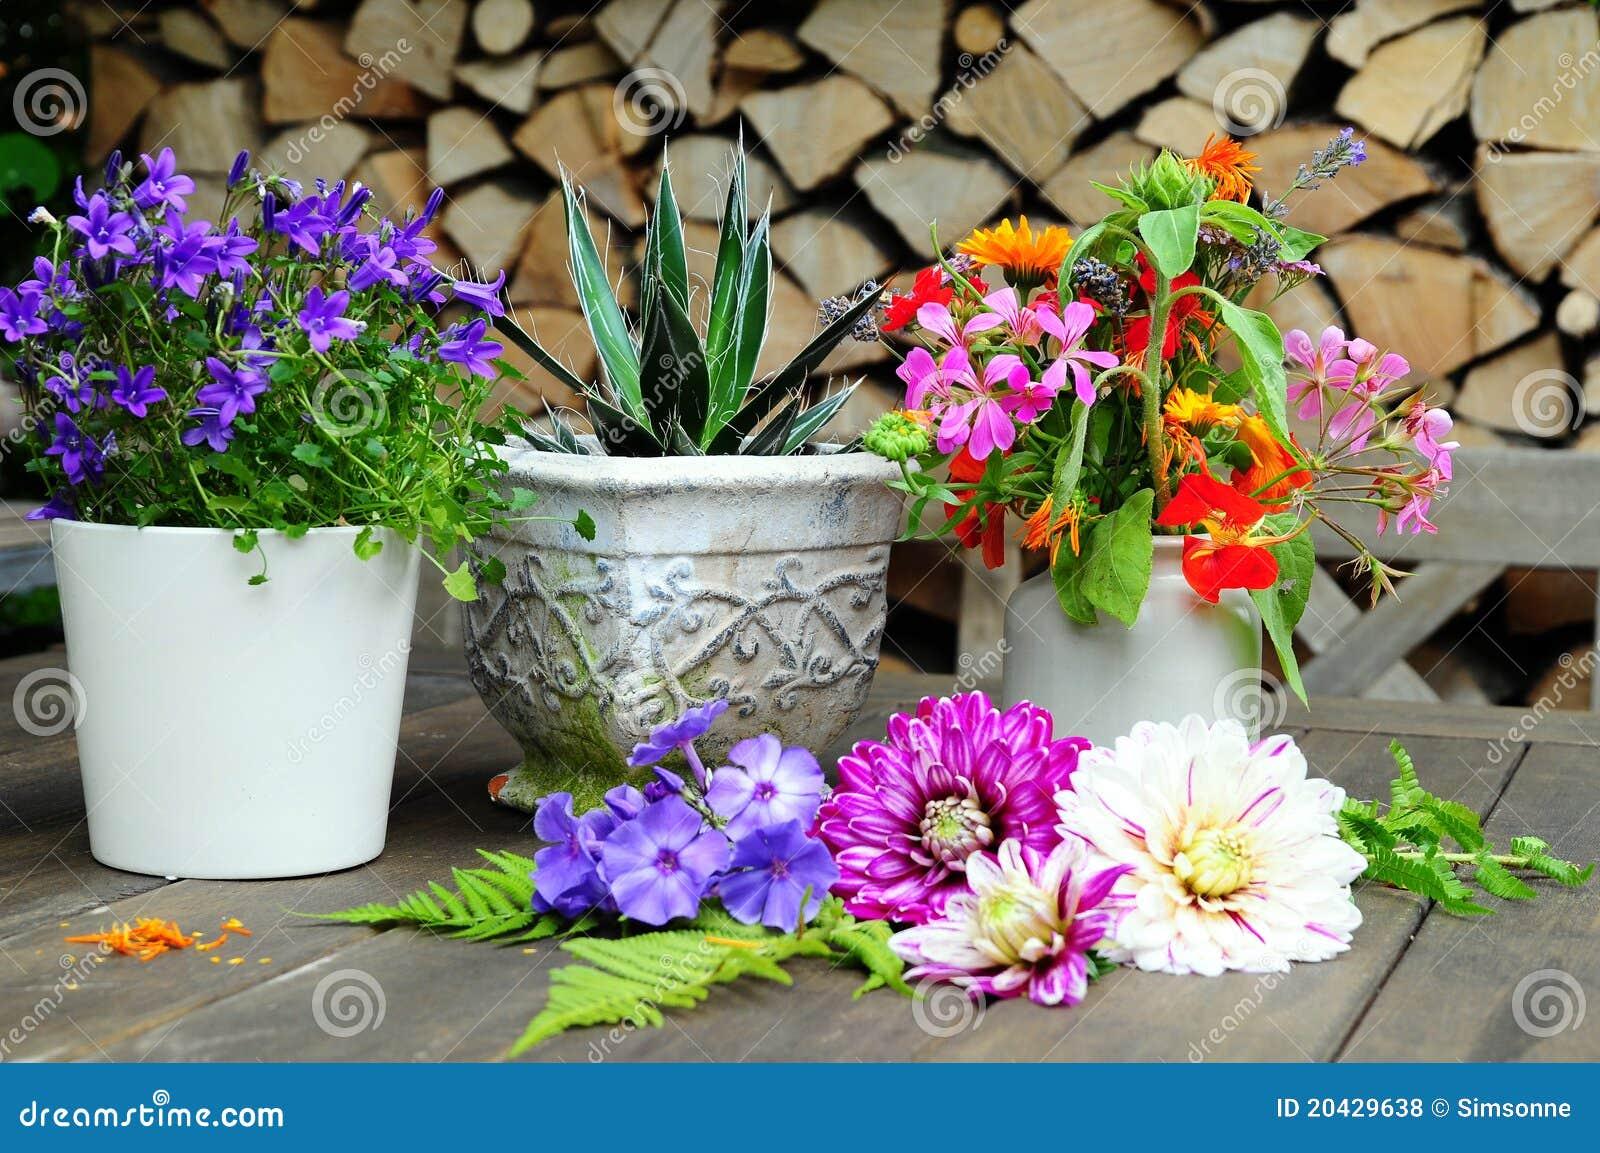 Garden Flower Pots For Garden